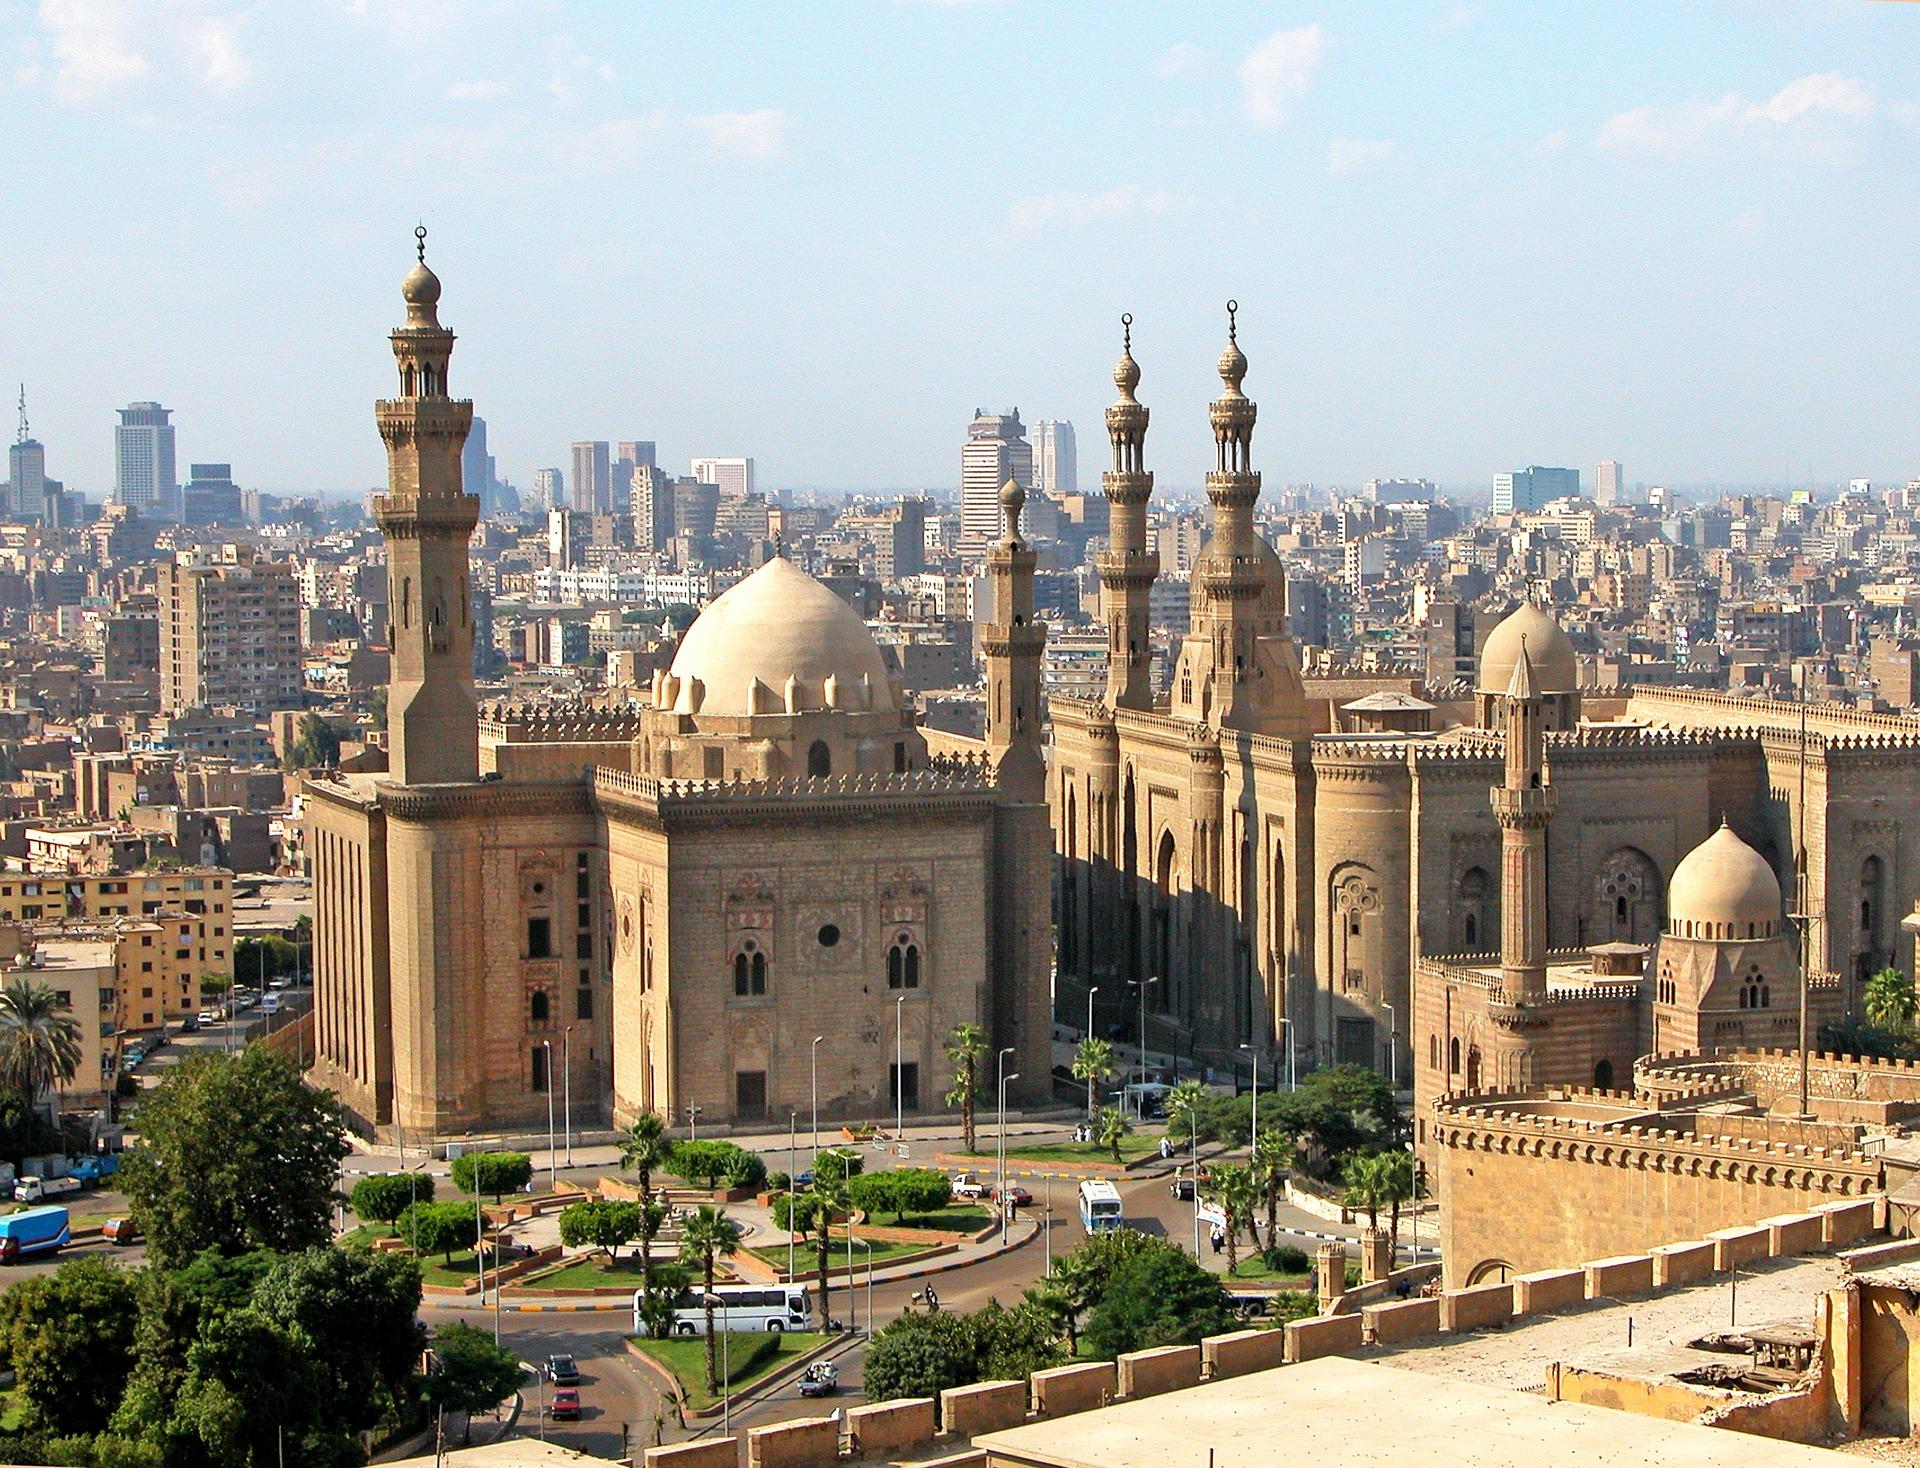 Панорамен изглед над Кайро и неговите архитектурни съкровища.